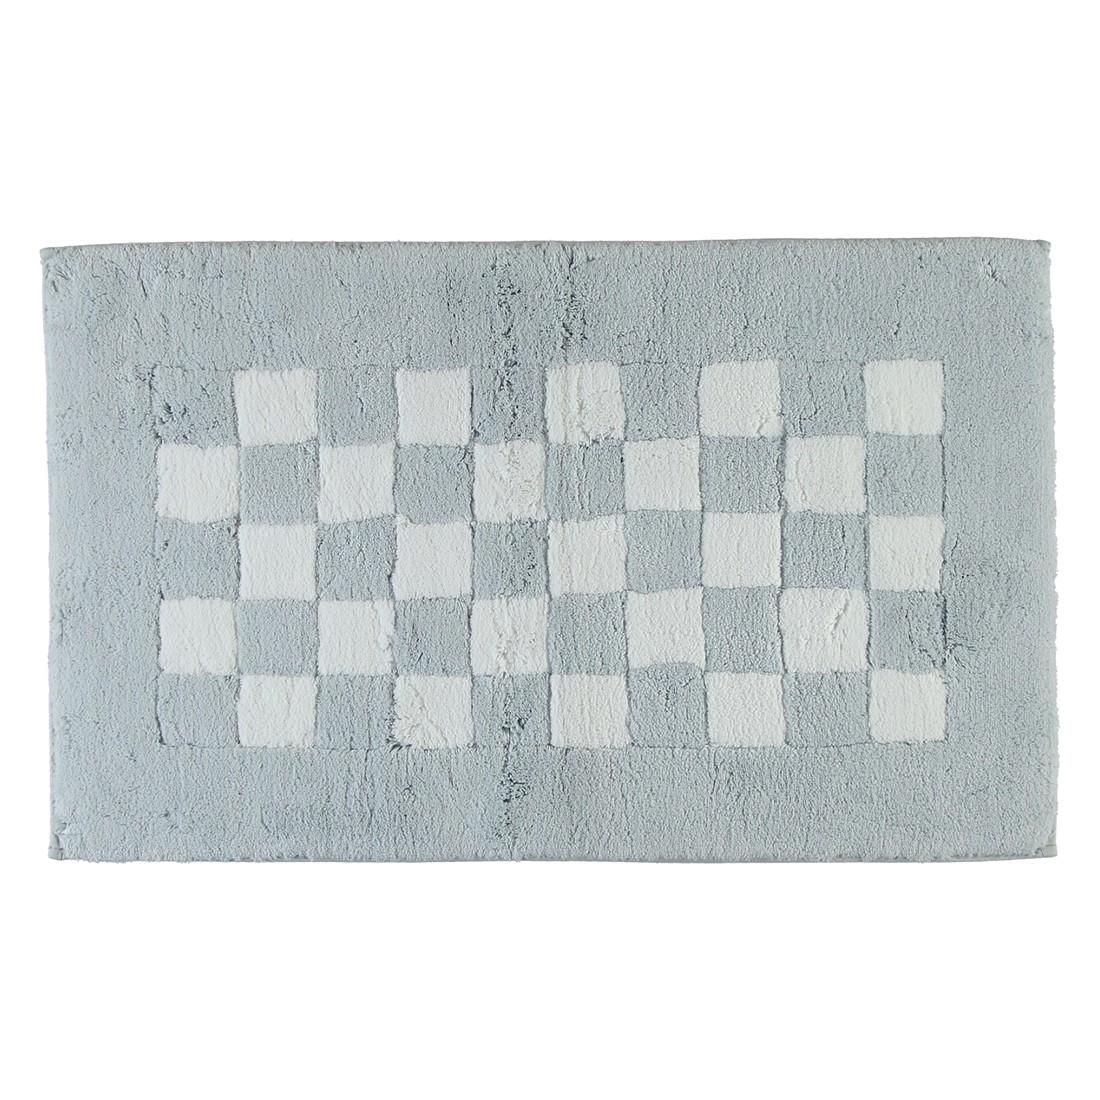 Badteppiche Vienna Square – Baumwolle – Light Grey – 60×100 cm, Vossen online bestellen